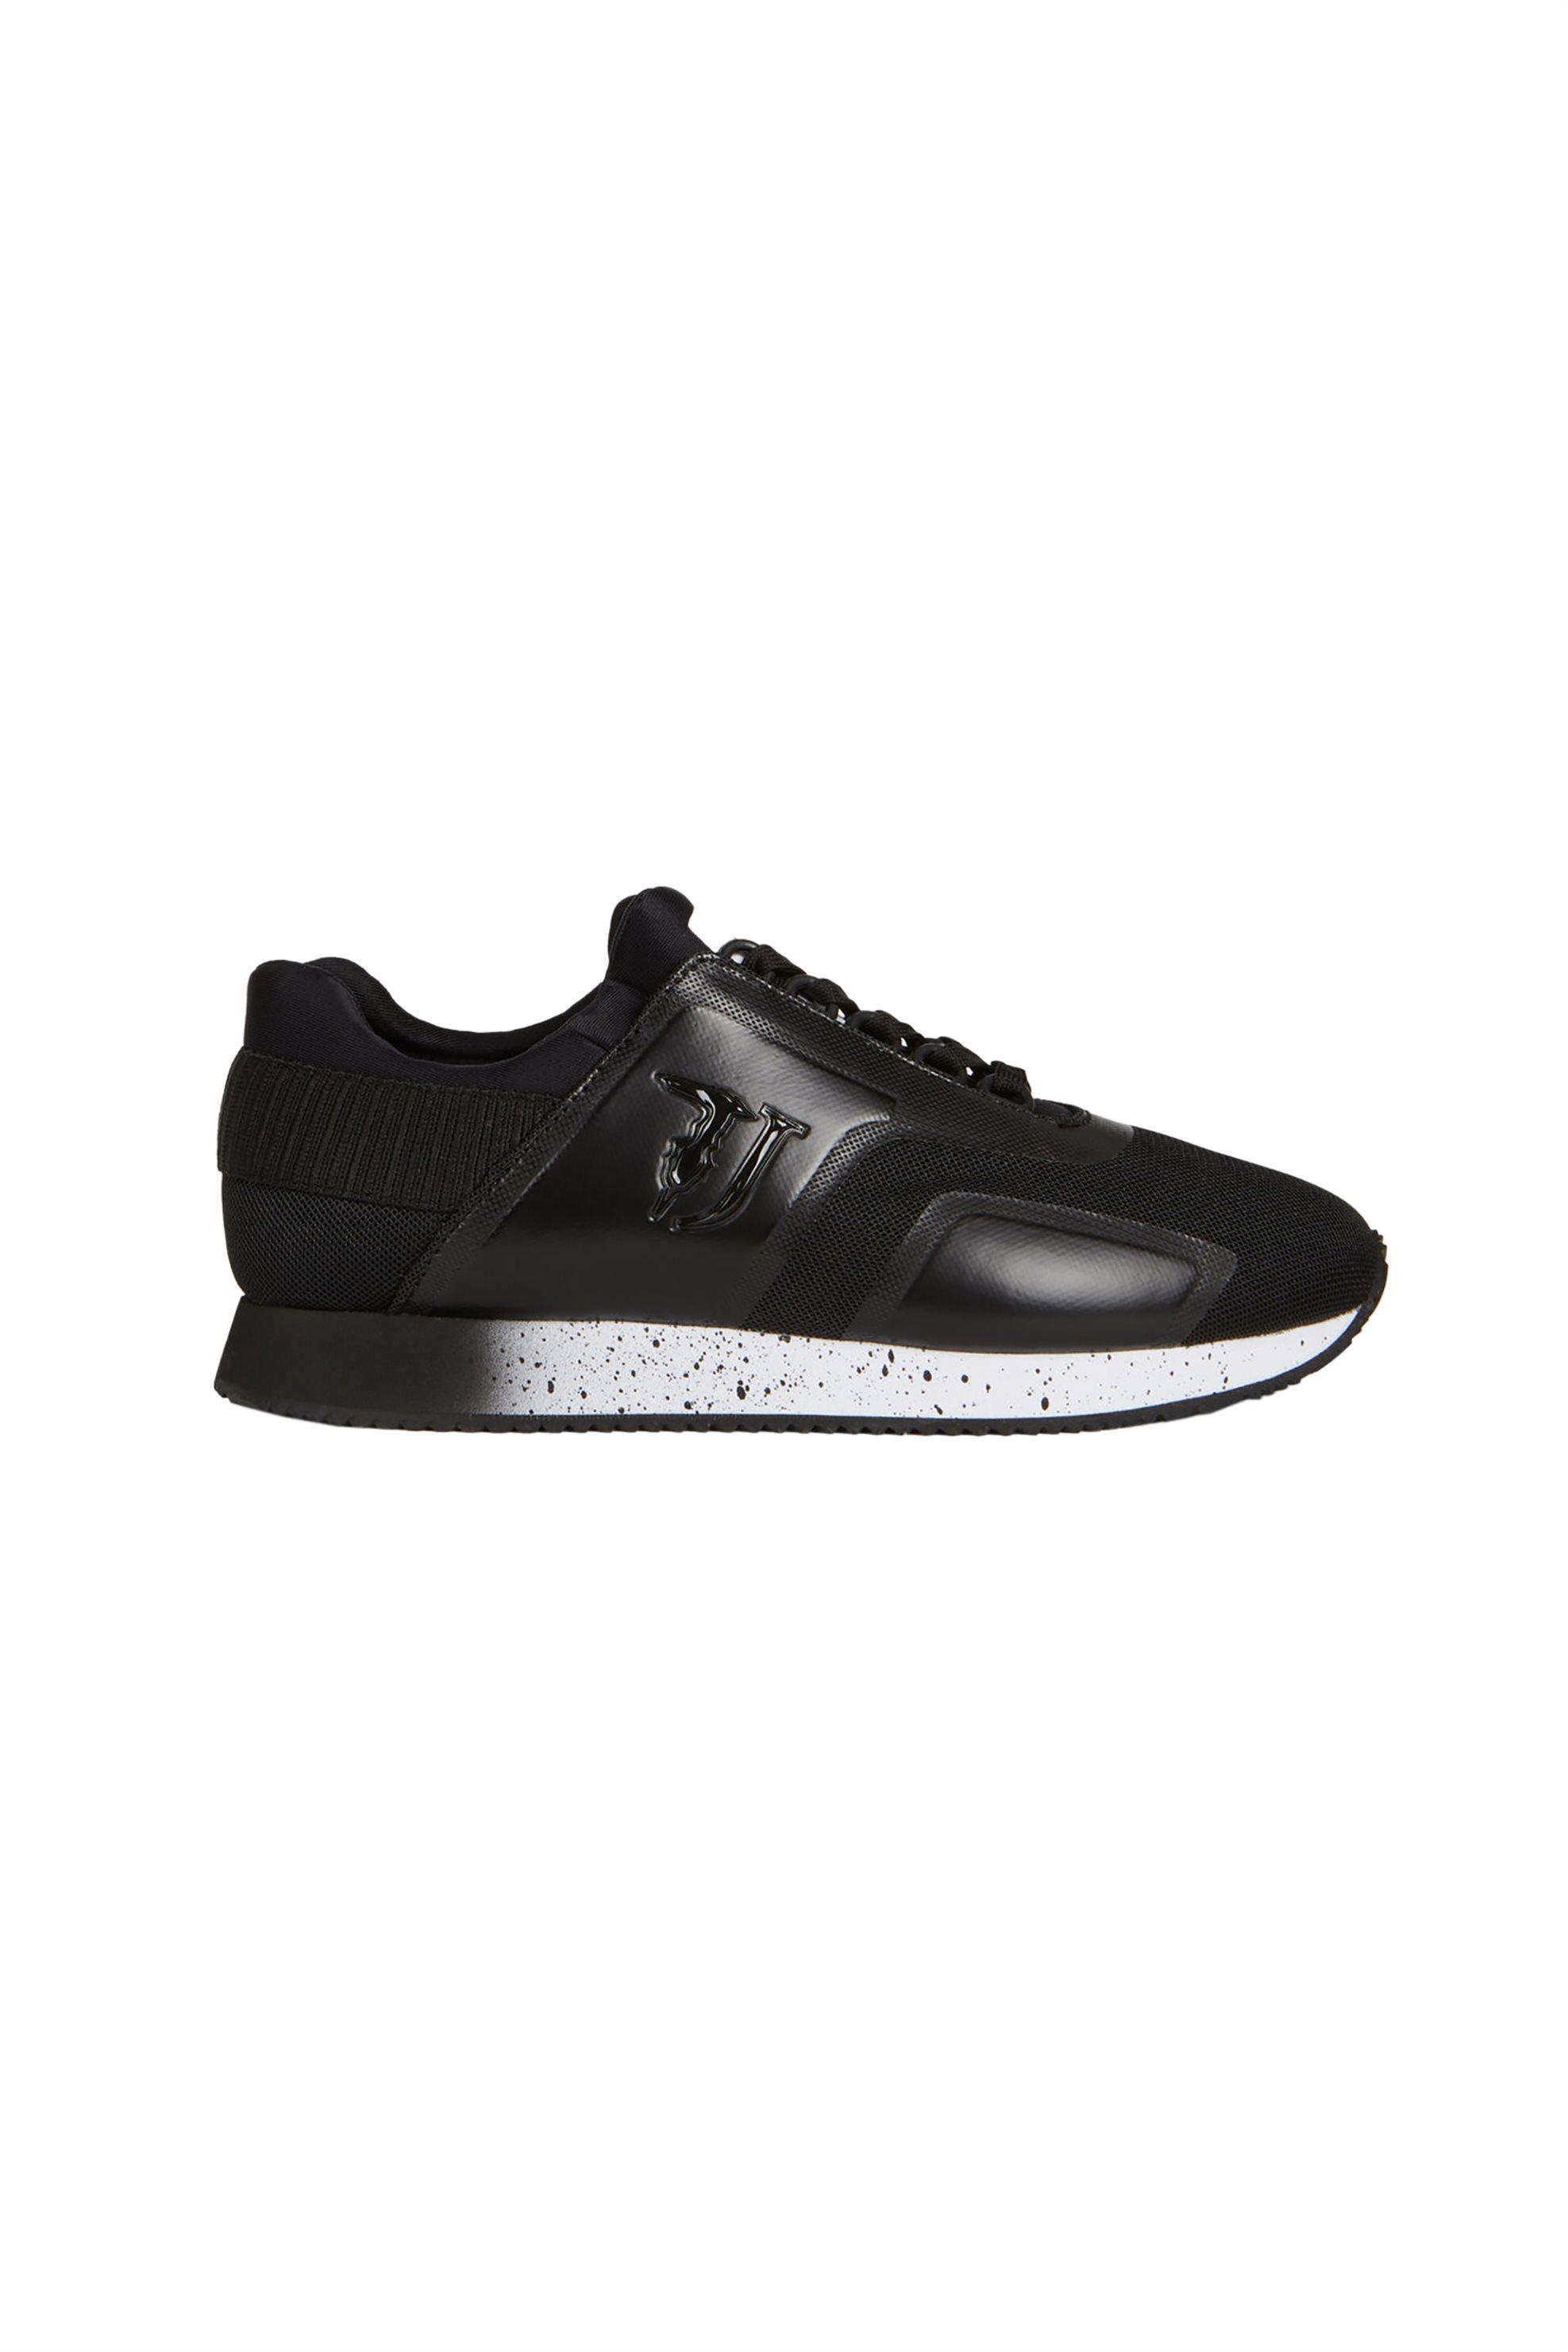 Trussardi Jeans ανδρικά sneakers με δερμάτινες και mesh λεπτομέρειες – 77A00154-9Y099999 – Μαύρο